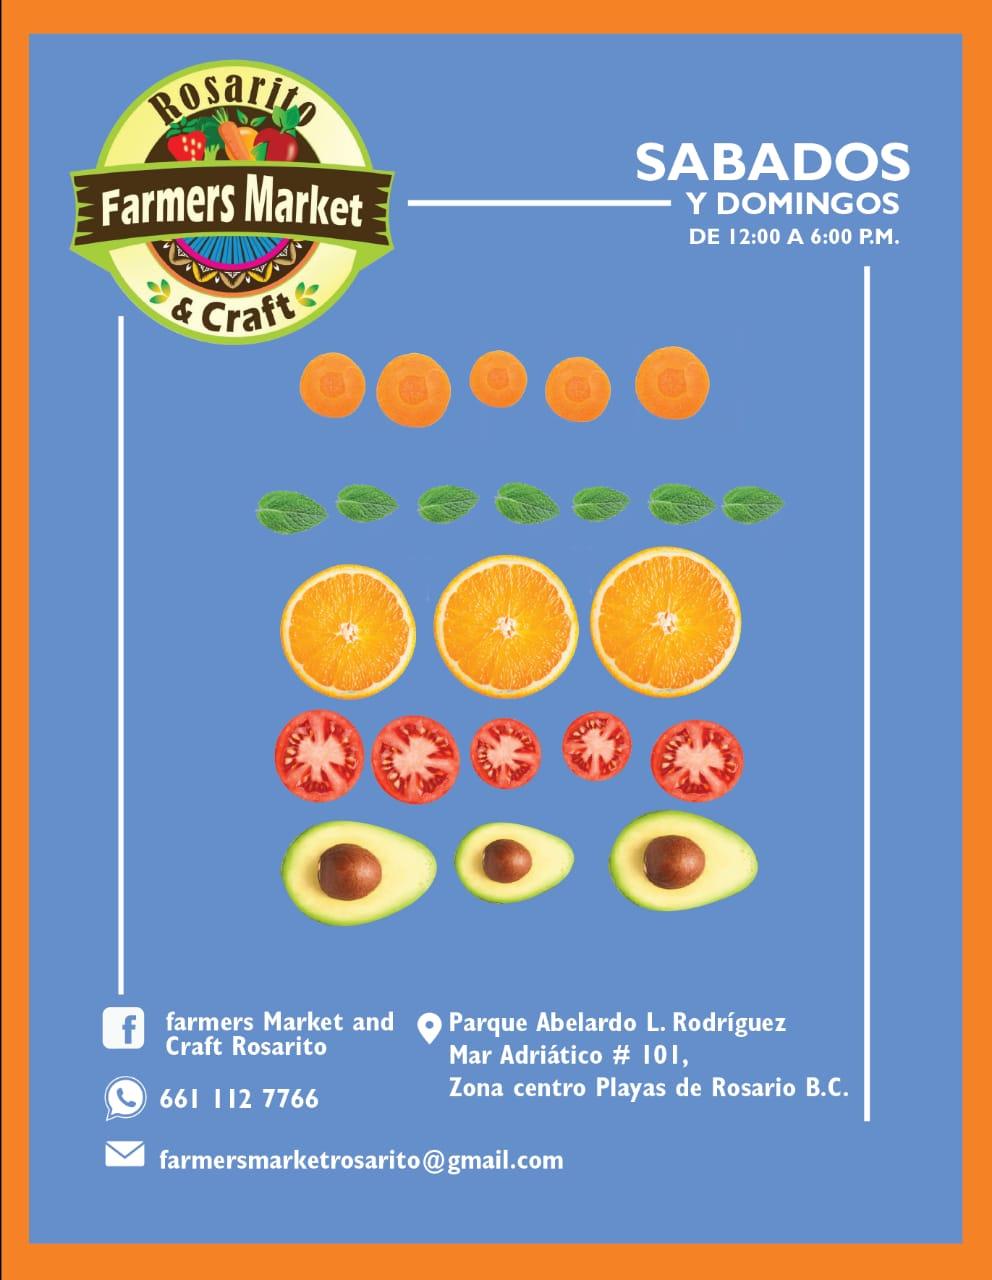 Farmers Market Rosarito